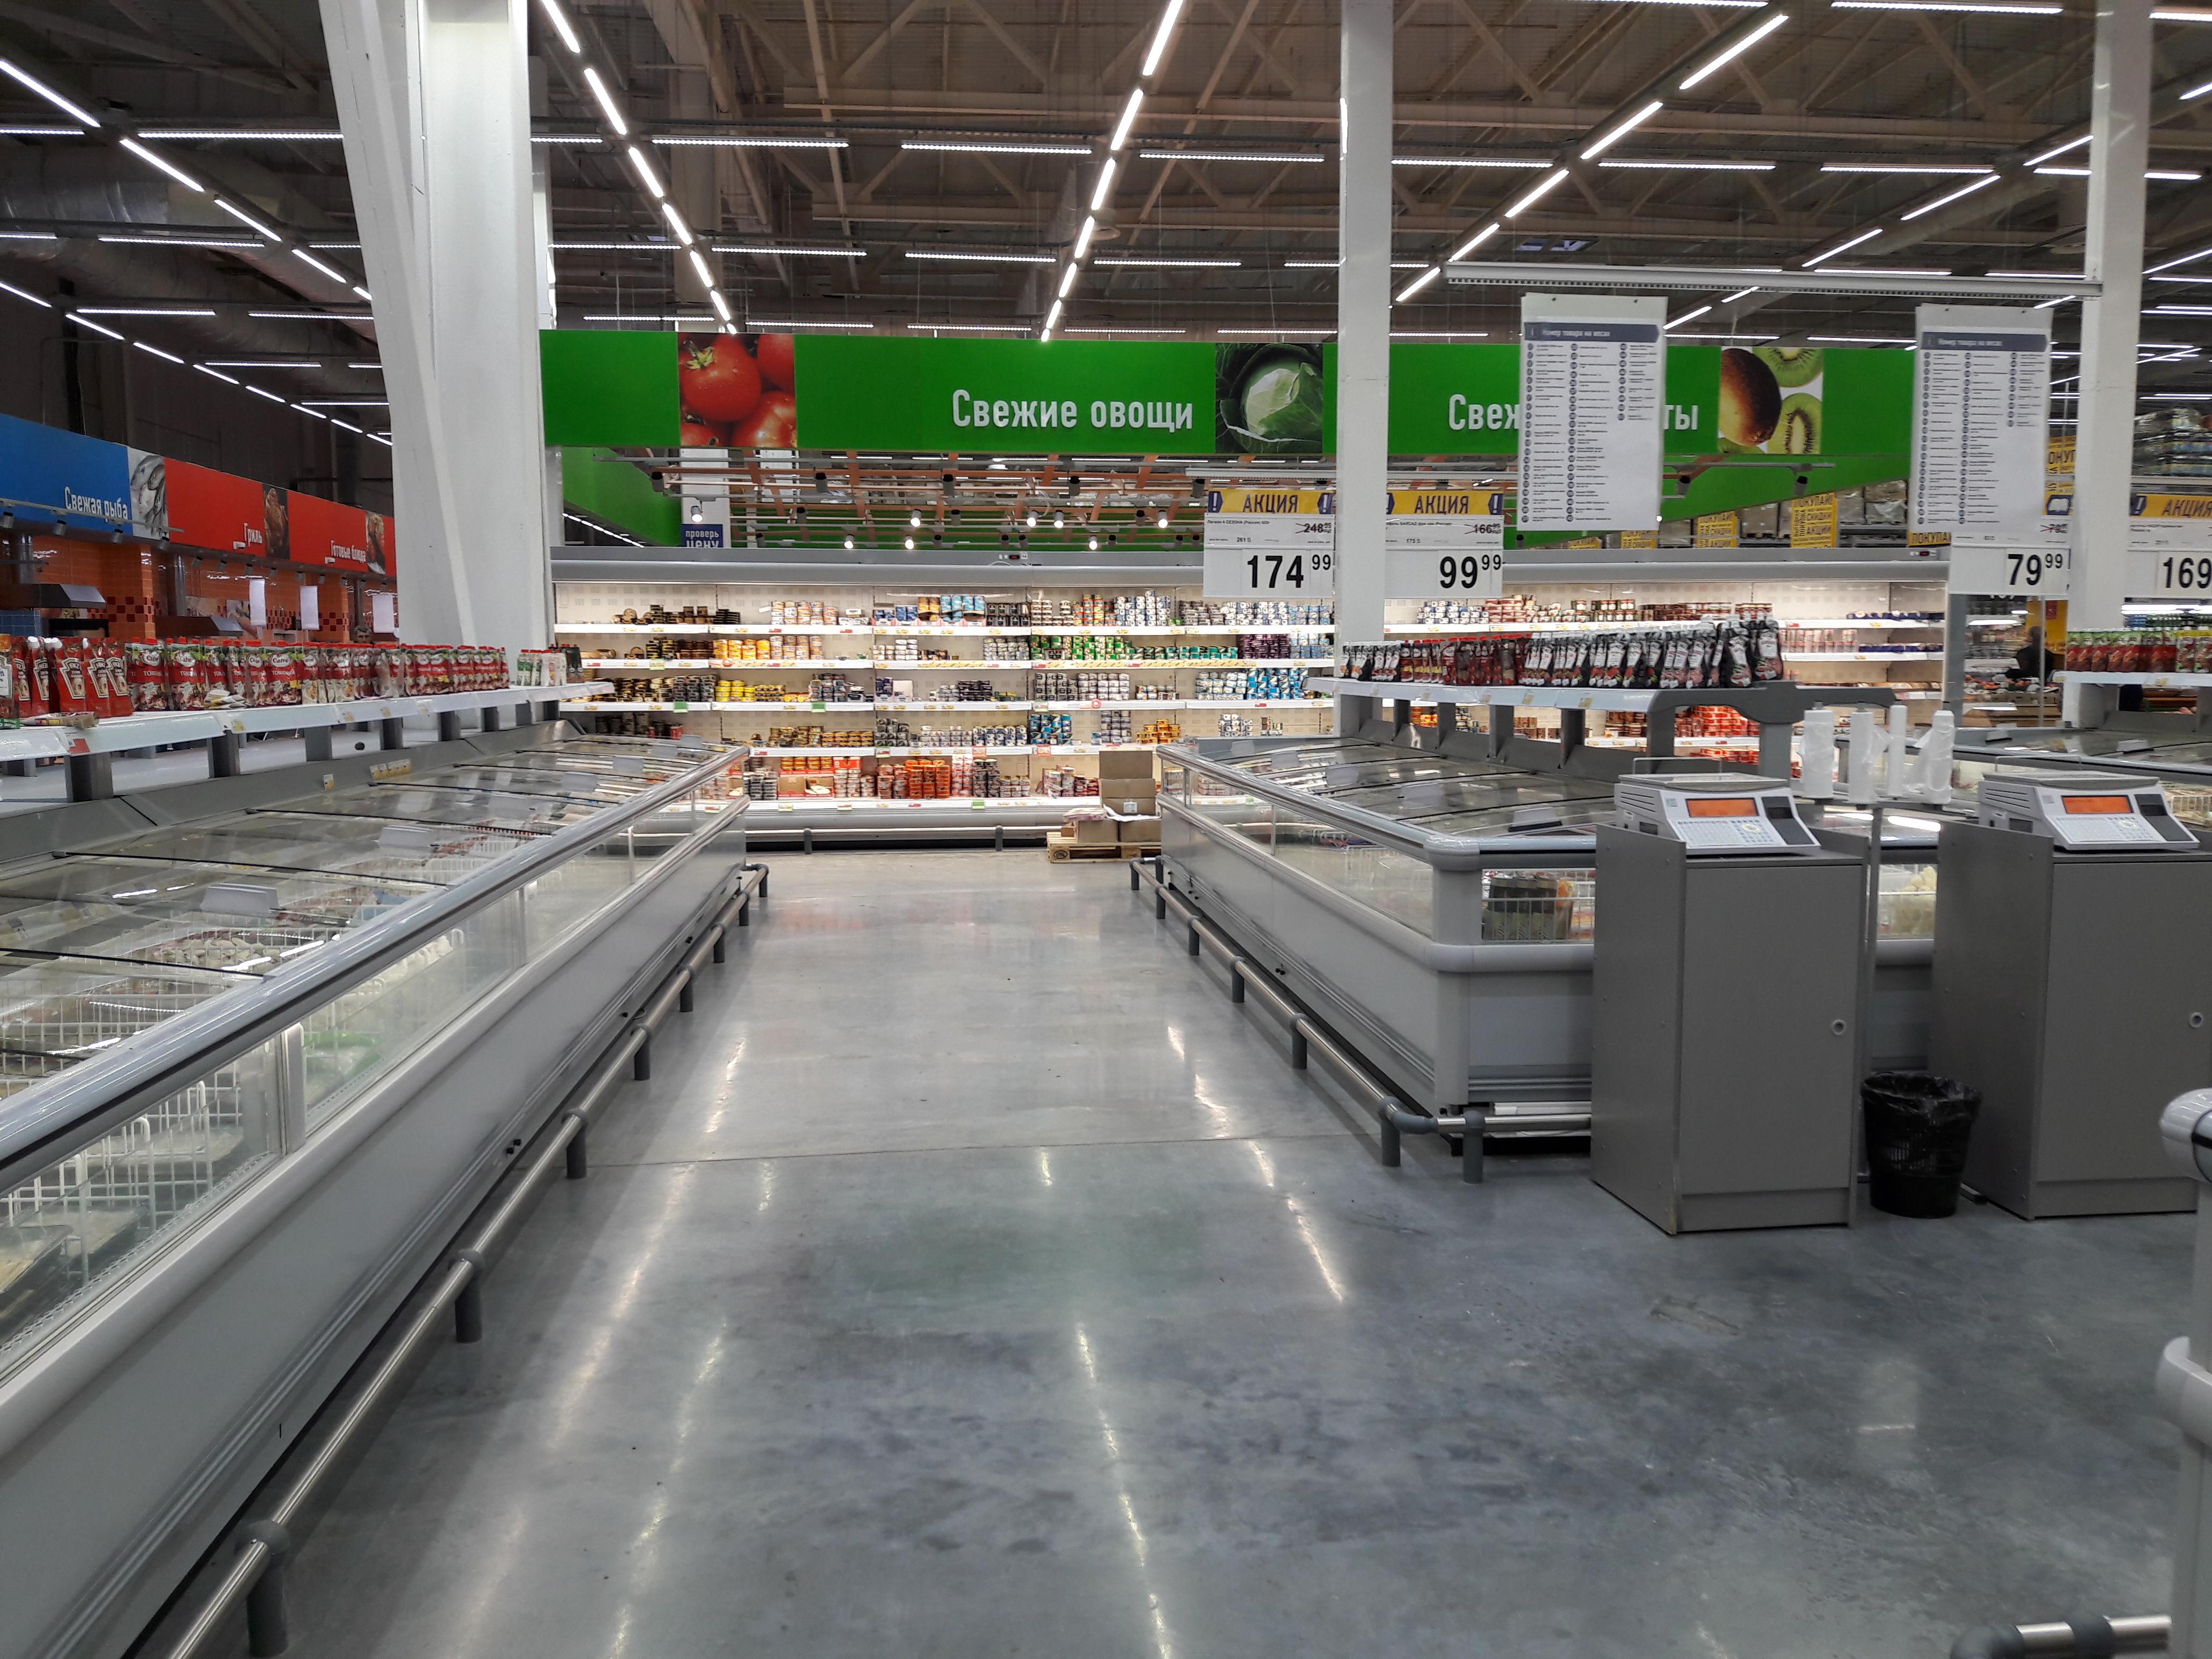 Гипермаркет Лента в Грозном